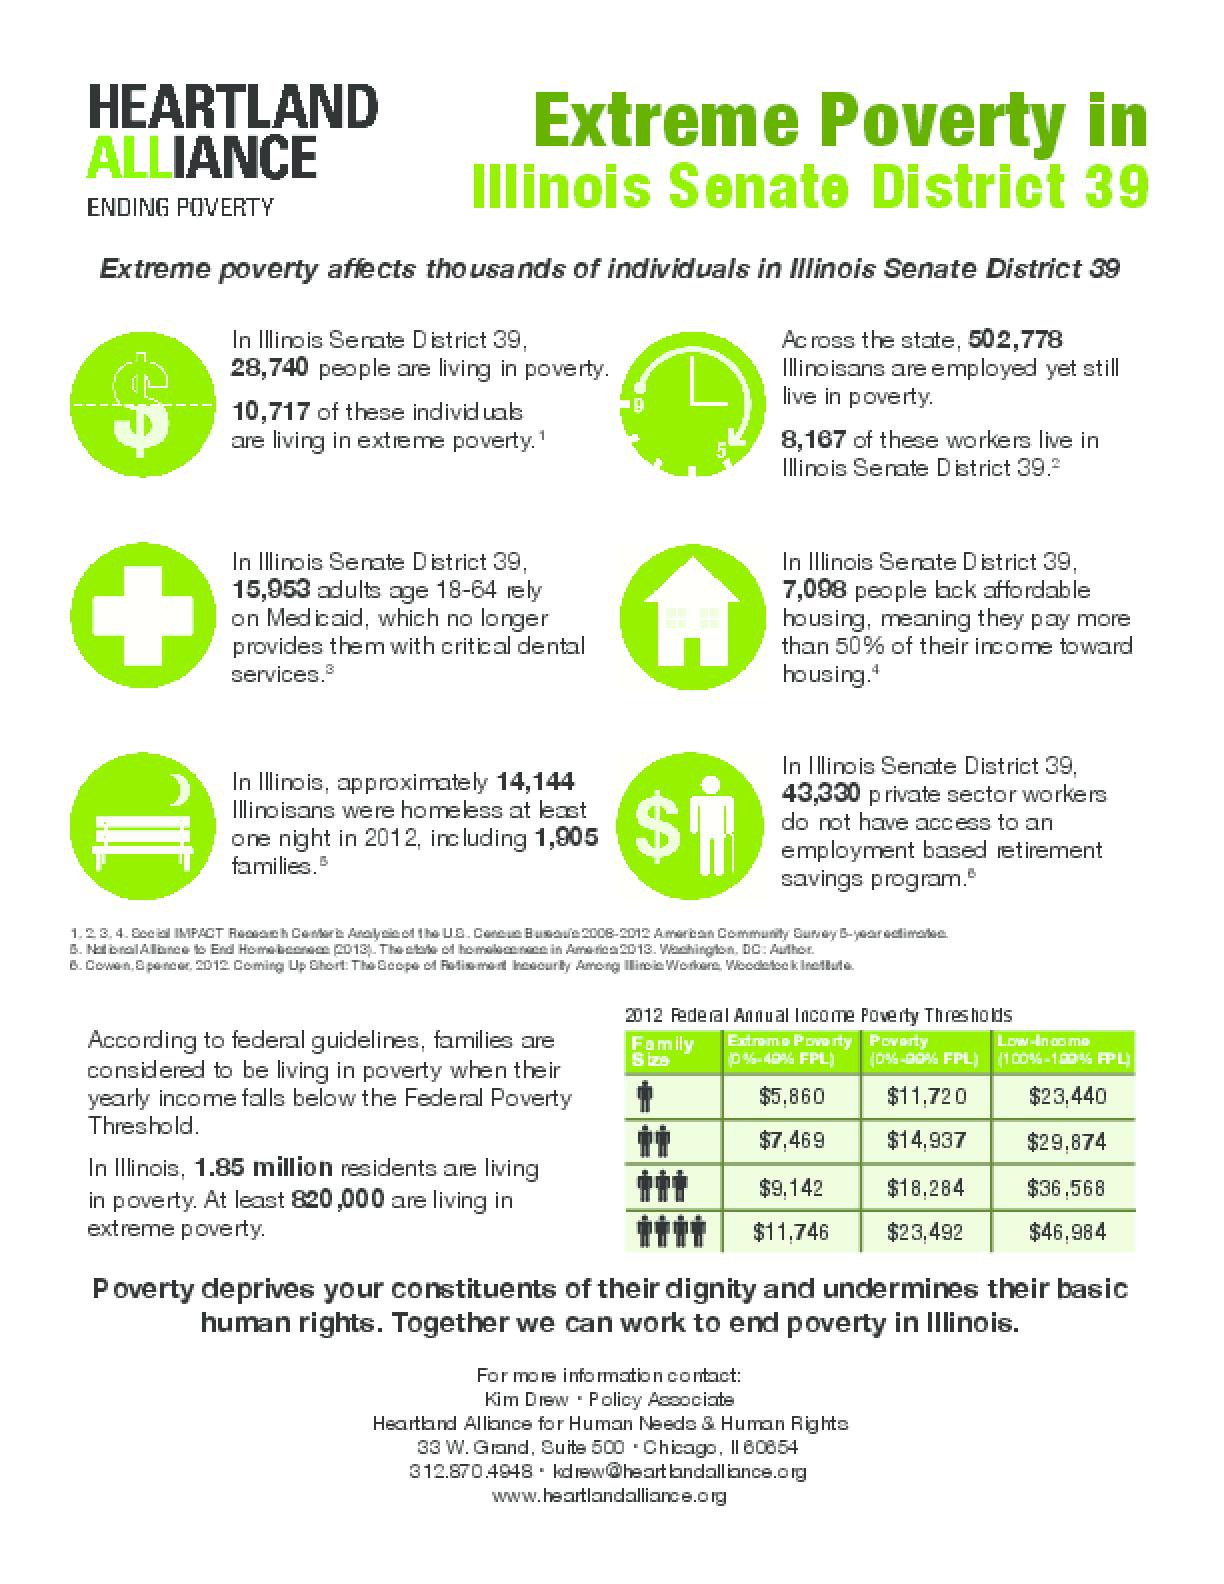 Poverty Fact Sheet for Illinois Senate District 39